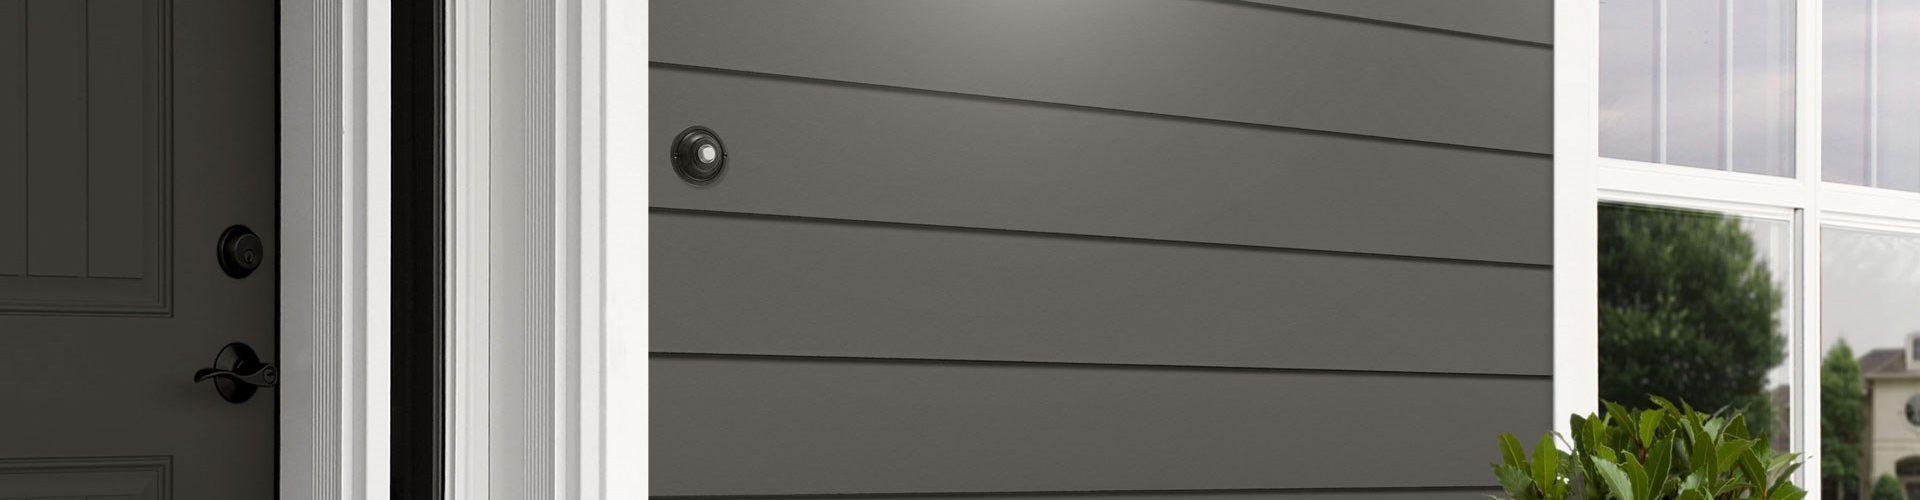 Cedral Classic C60 Sügav mets - ülekattega sile voodrilaud